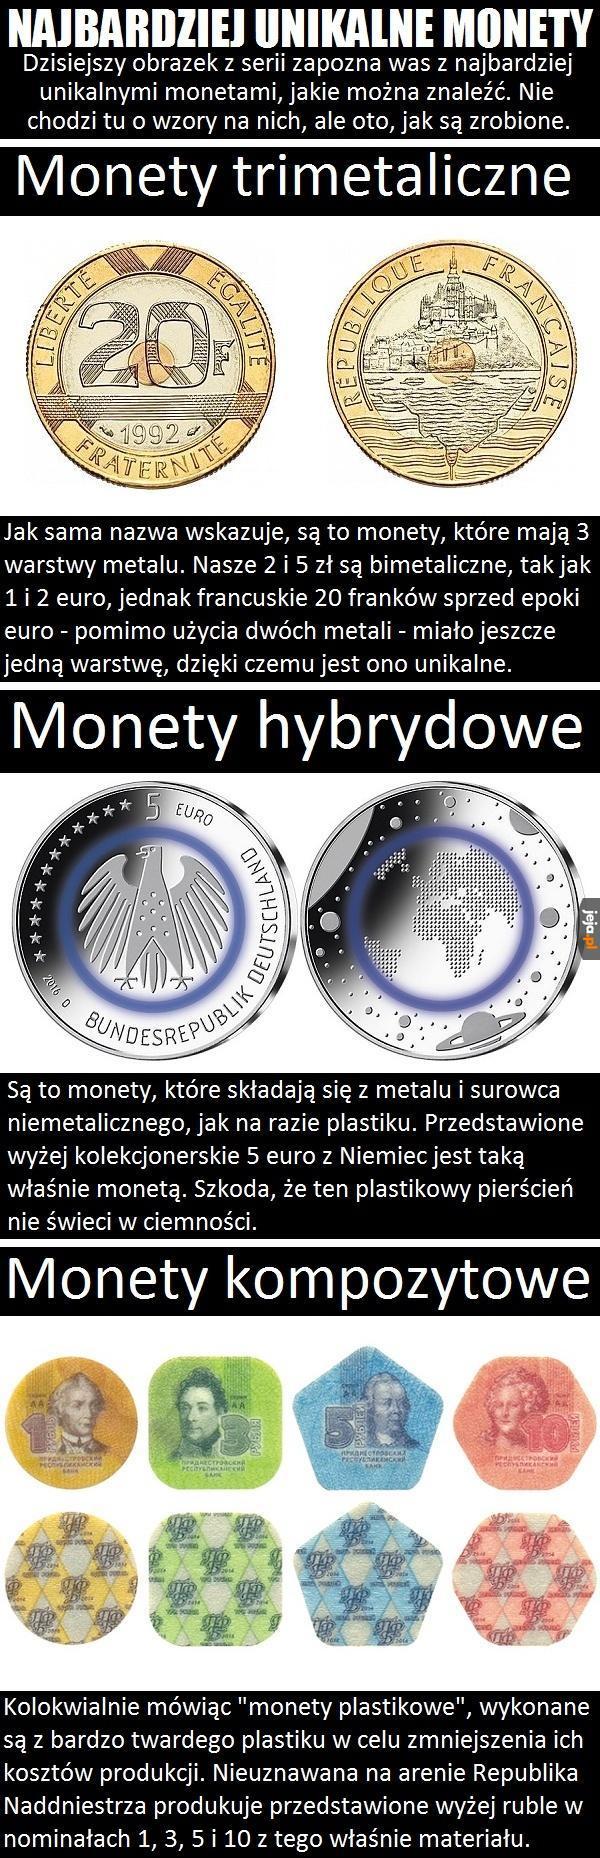 Najbardziej unikalne monety